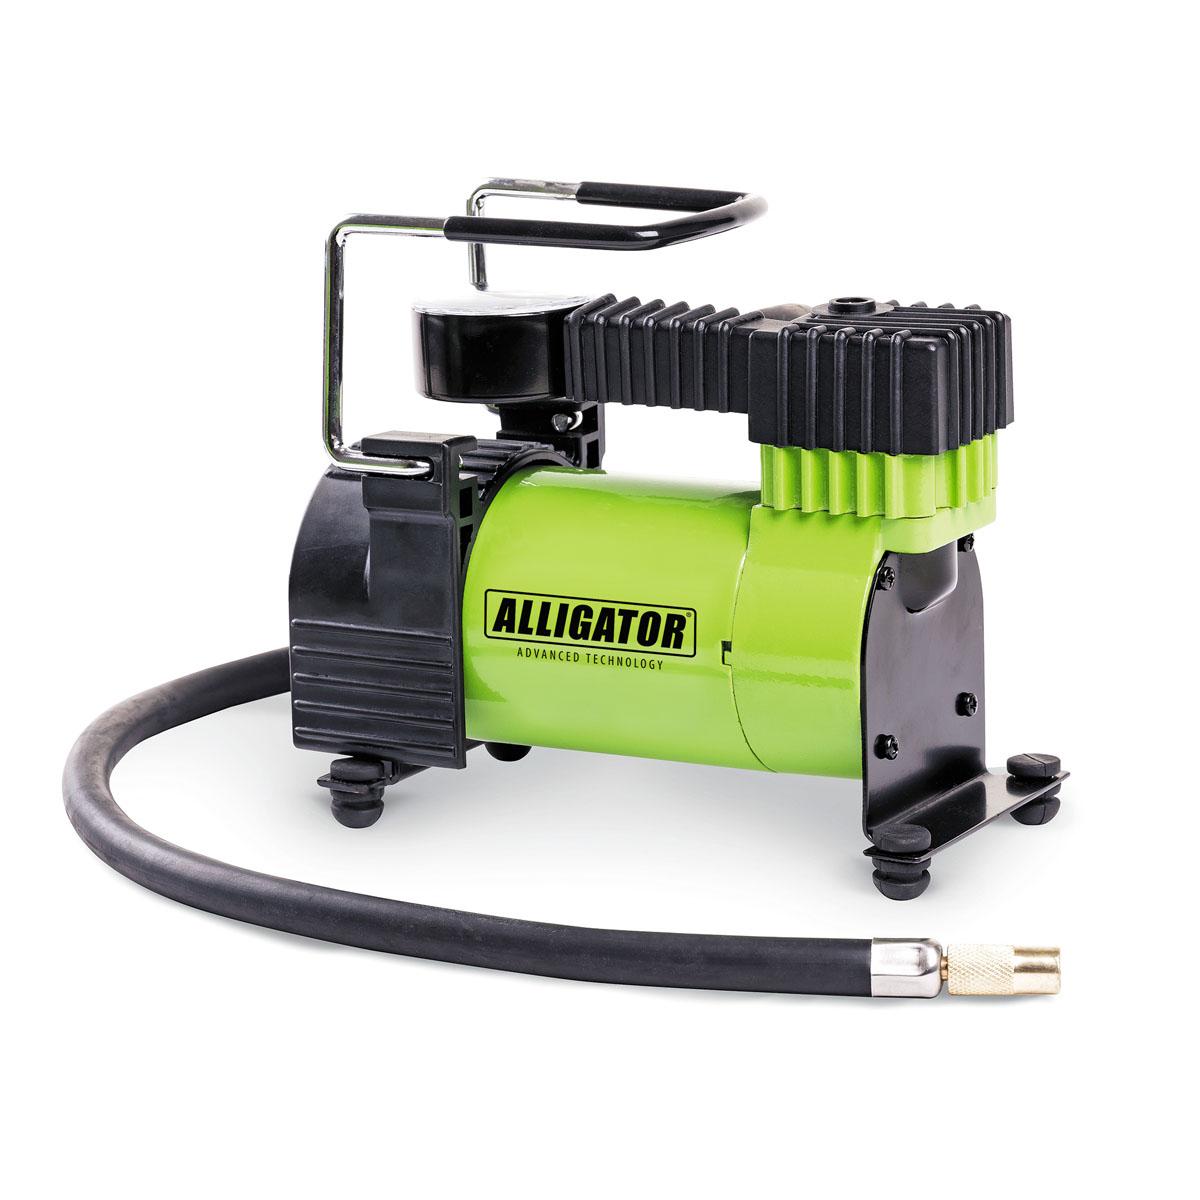 Компрессор автомобильный Автопрофи Аллигатор, 12В, 105 Вт. AL-300AL-300Автомобильный компрессор Автопрофи Аллигатор выполнен из высококачественного металла. В комплекте переходники для накачки надувных изделий. Питание осуществляется от бортовой сети 12В. Компрессор может непрерывно работать в течение 25 минут.В комплекте сумка для удобной переноски и хранения. Напряжение: 12В. Мощность: 105 Вт. Производительность: 28 л/мин. Максимальное давление 10 АТМ. Длина кабеля питания: 3 м. Длина шланга: 70 см. Время непрерывной работы: 25 минут. Диаметр поршня: 30 мм.Рабочая температура: от -20°С до +50°С.Максимальный ток: 14 А.